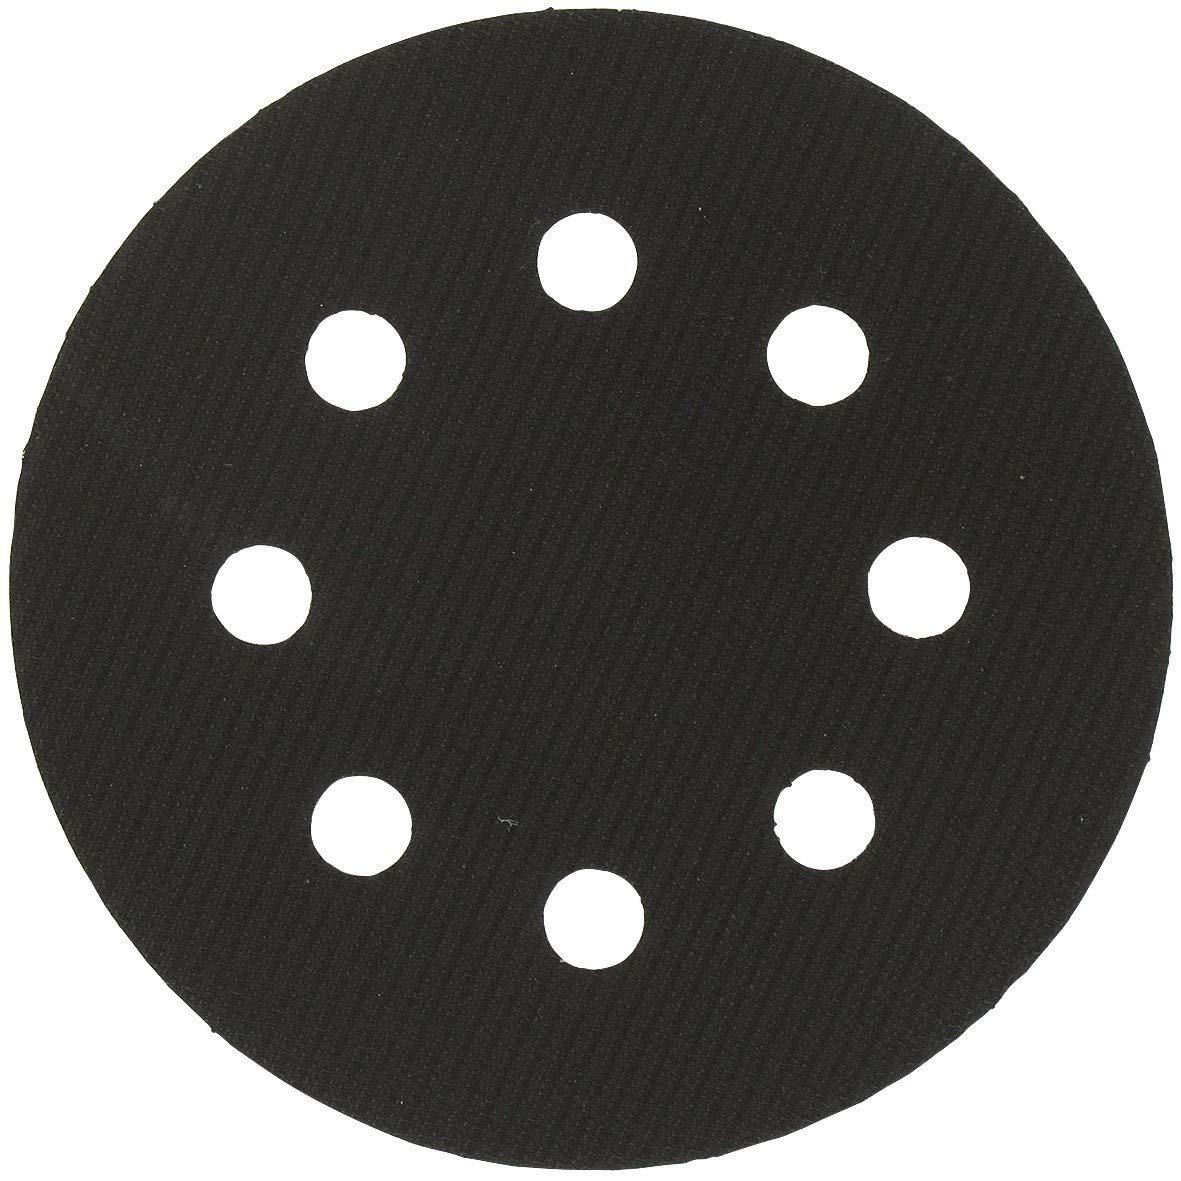 Patin auto-agrippant//adh/ésif 8 trous SCID Vendu par 1 Diam/ètre 115 mm